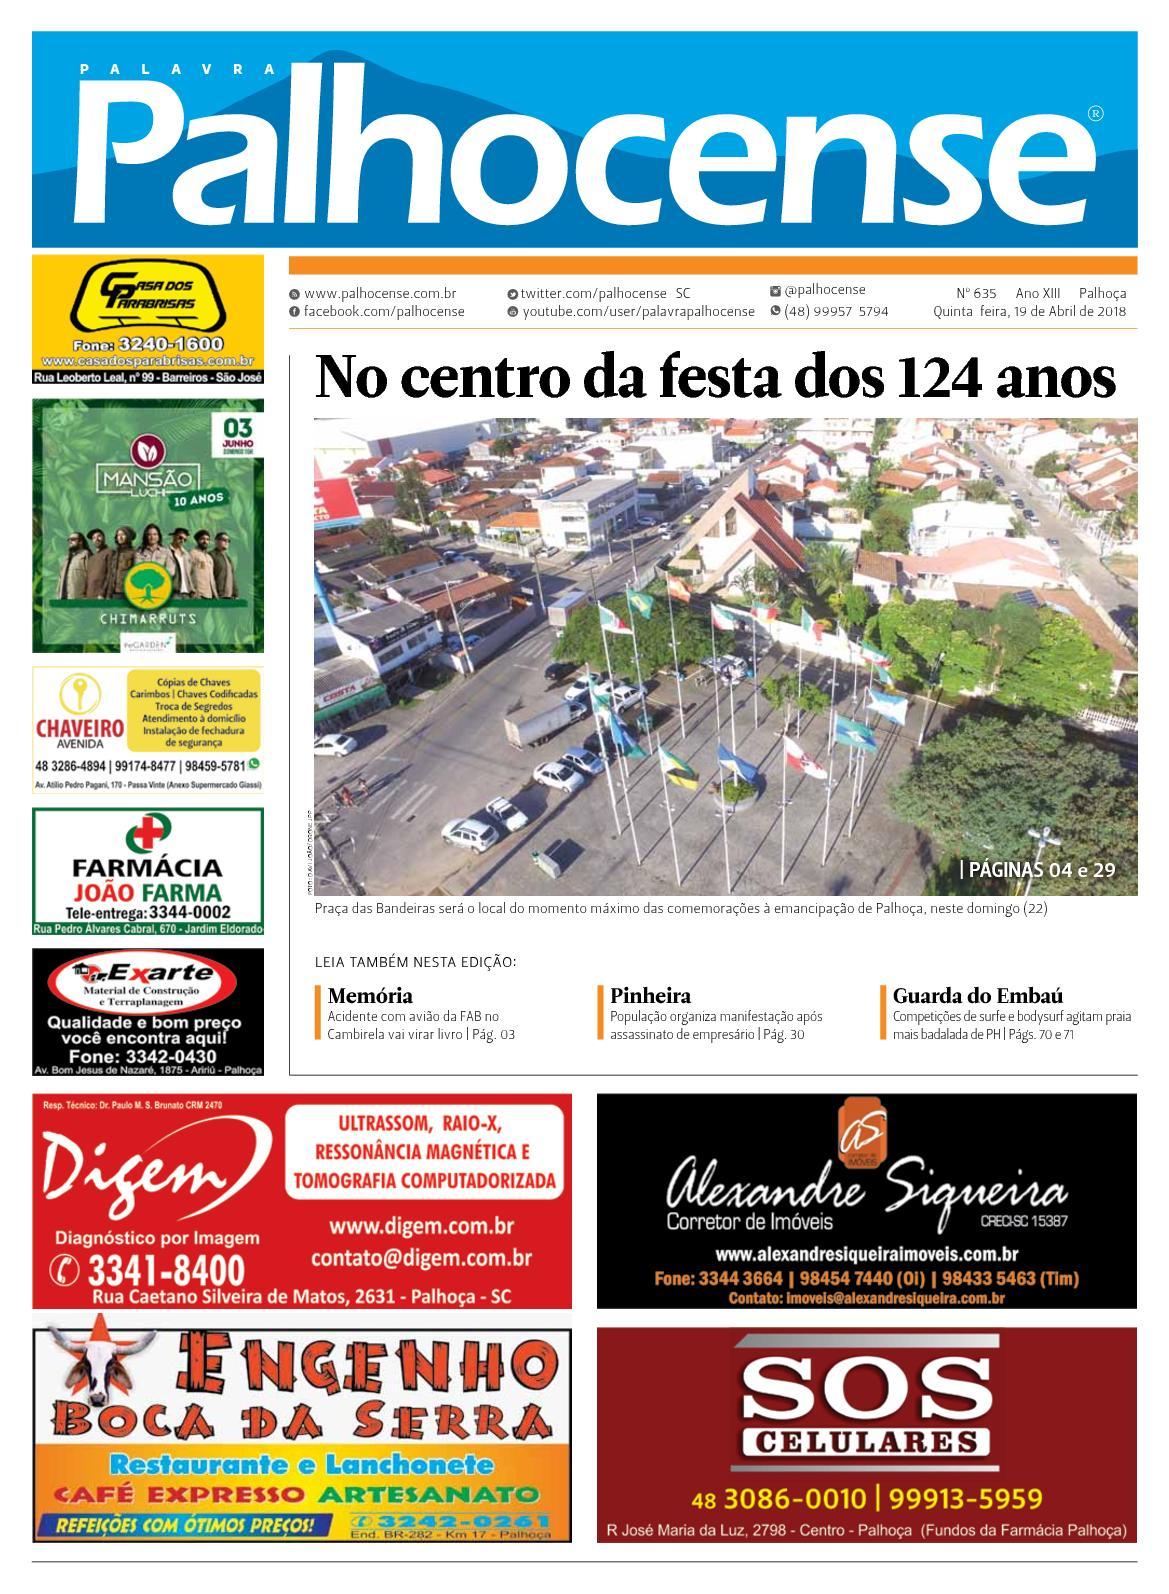 Calaméo - JORNAL PALAVRA PALHOCENSE - EDIÇÃO 635 b372f111334e4